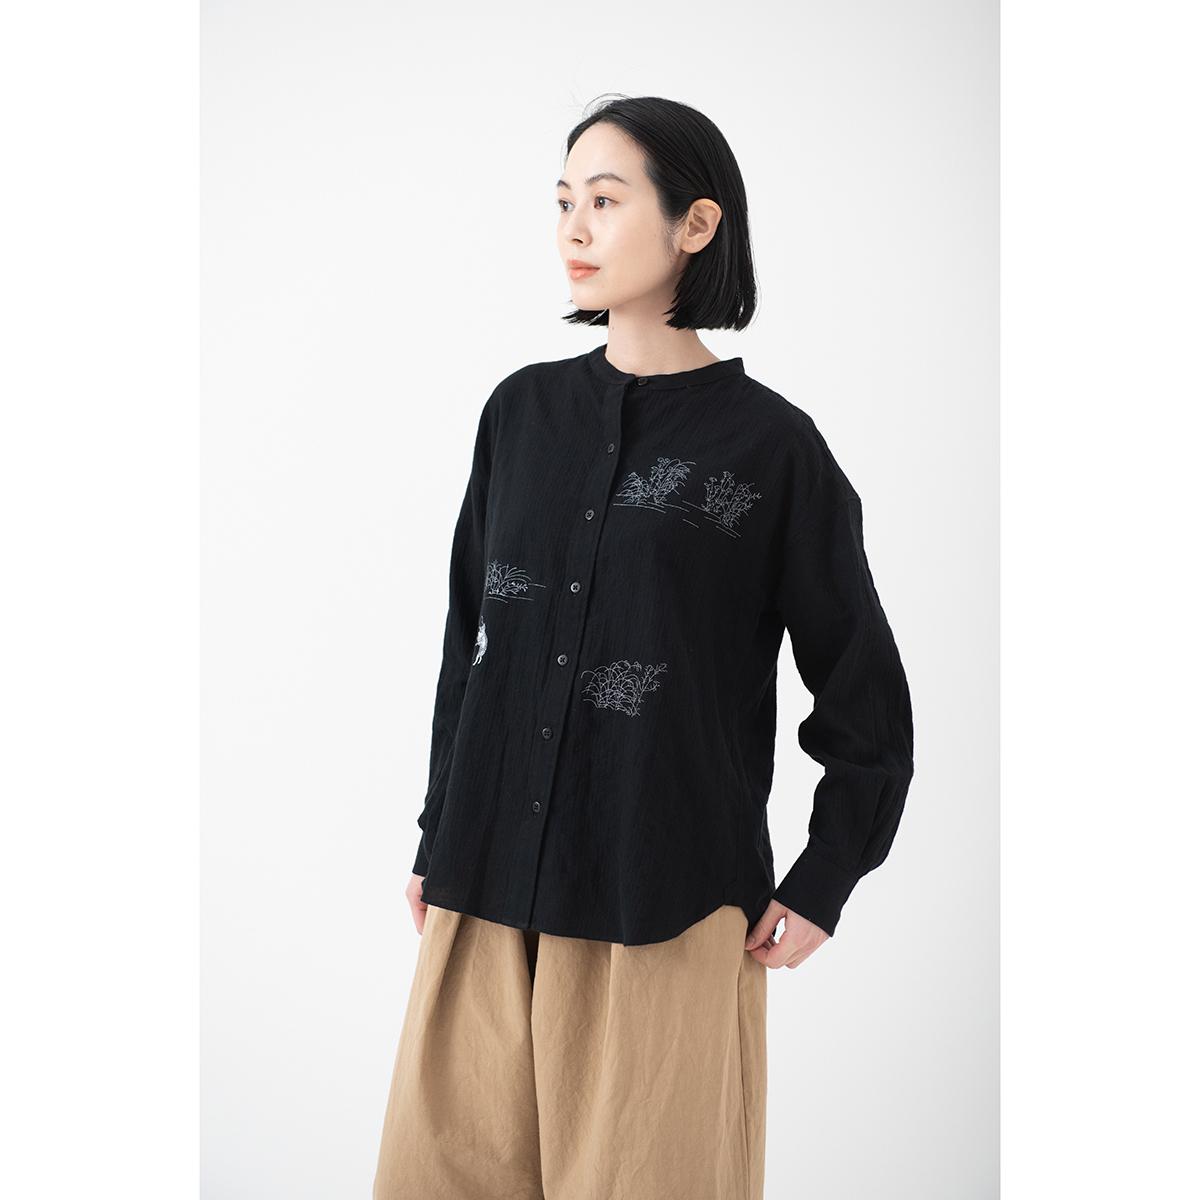 KY17-677B/ふんわりスタンドカラーシャツ(黒)/蛙と猫